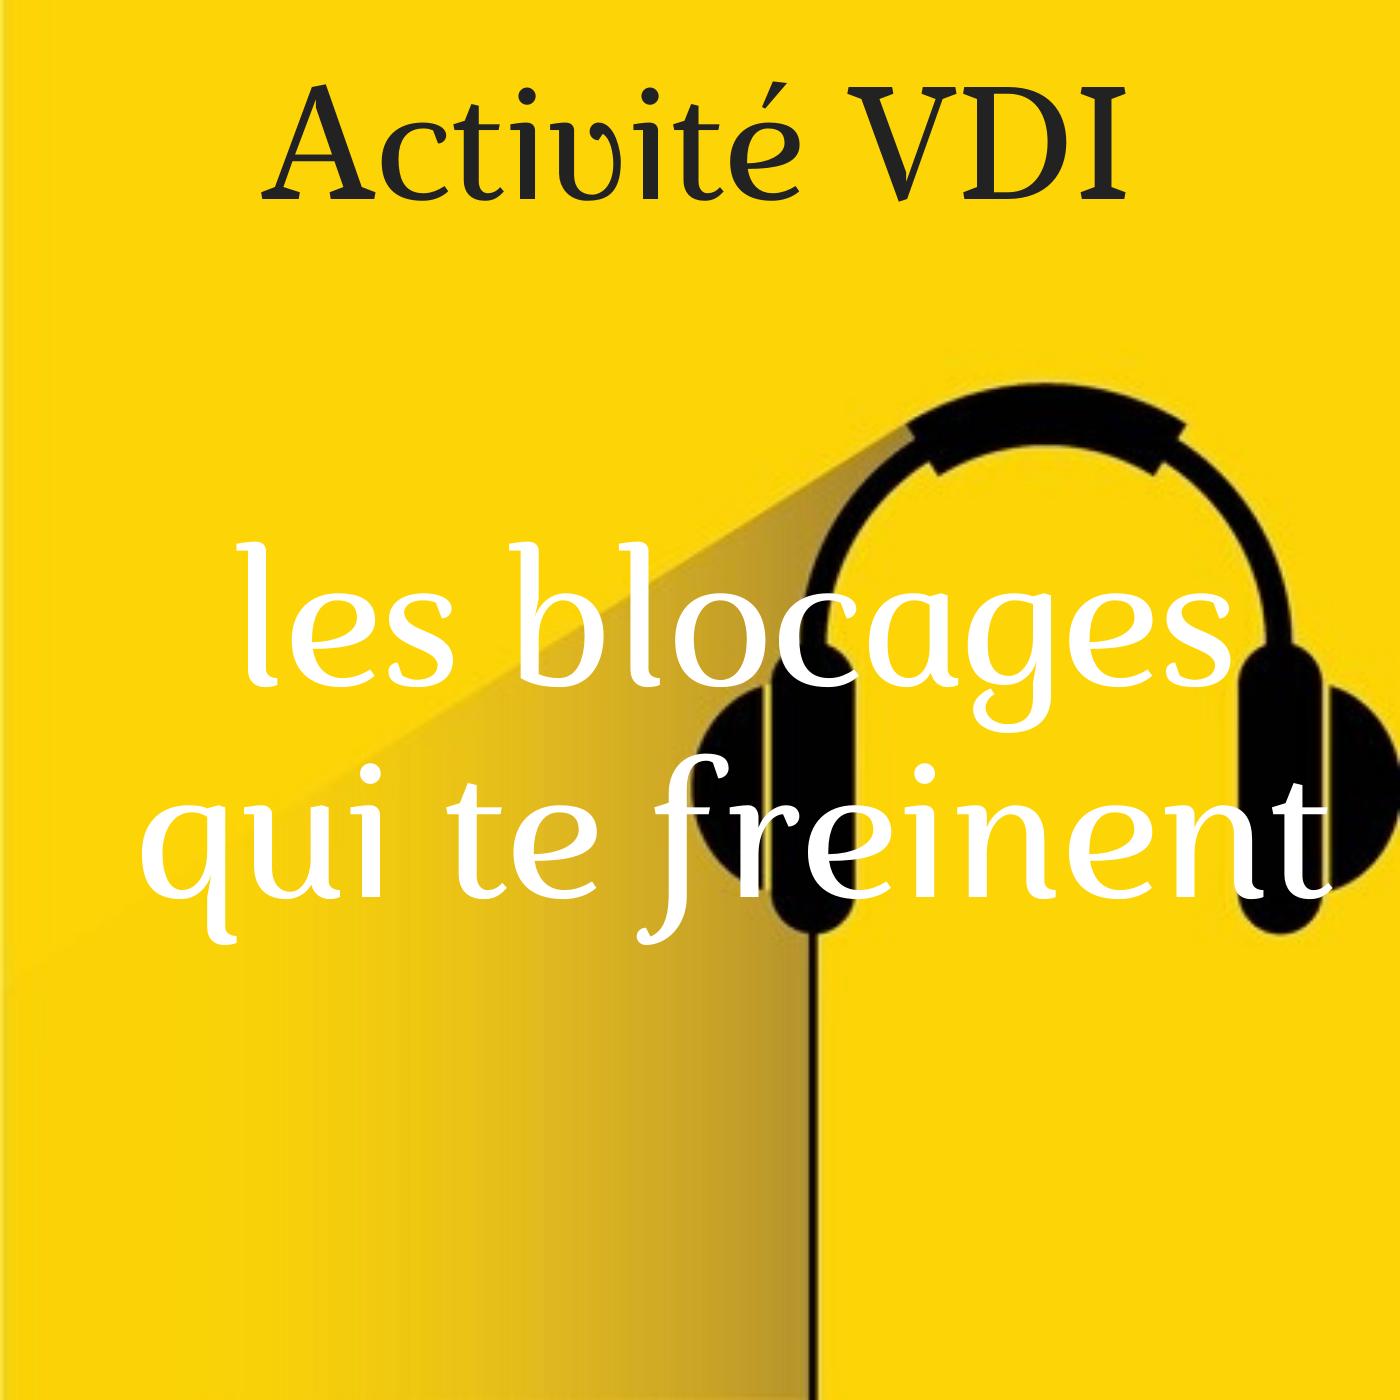 Activité VDI : survivre aux blocages